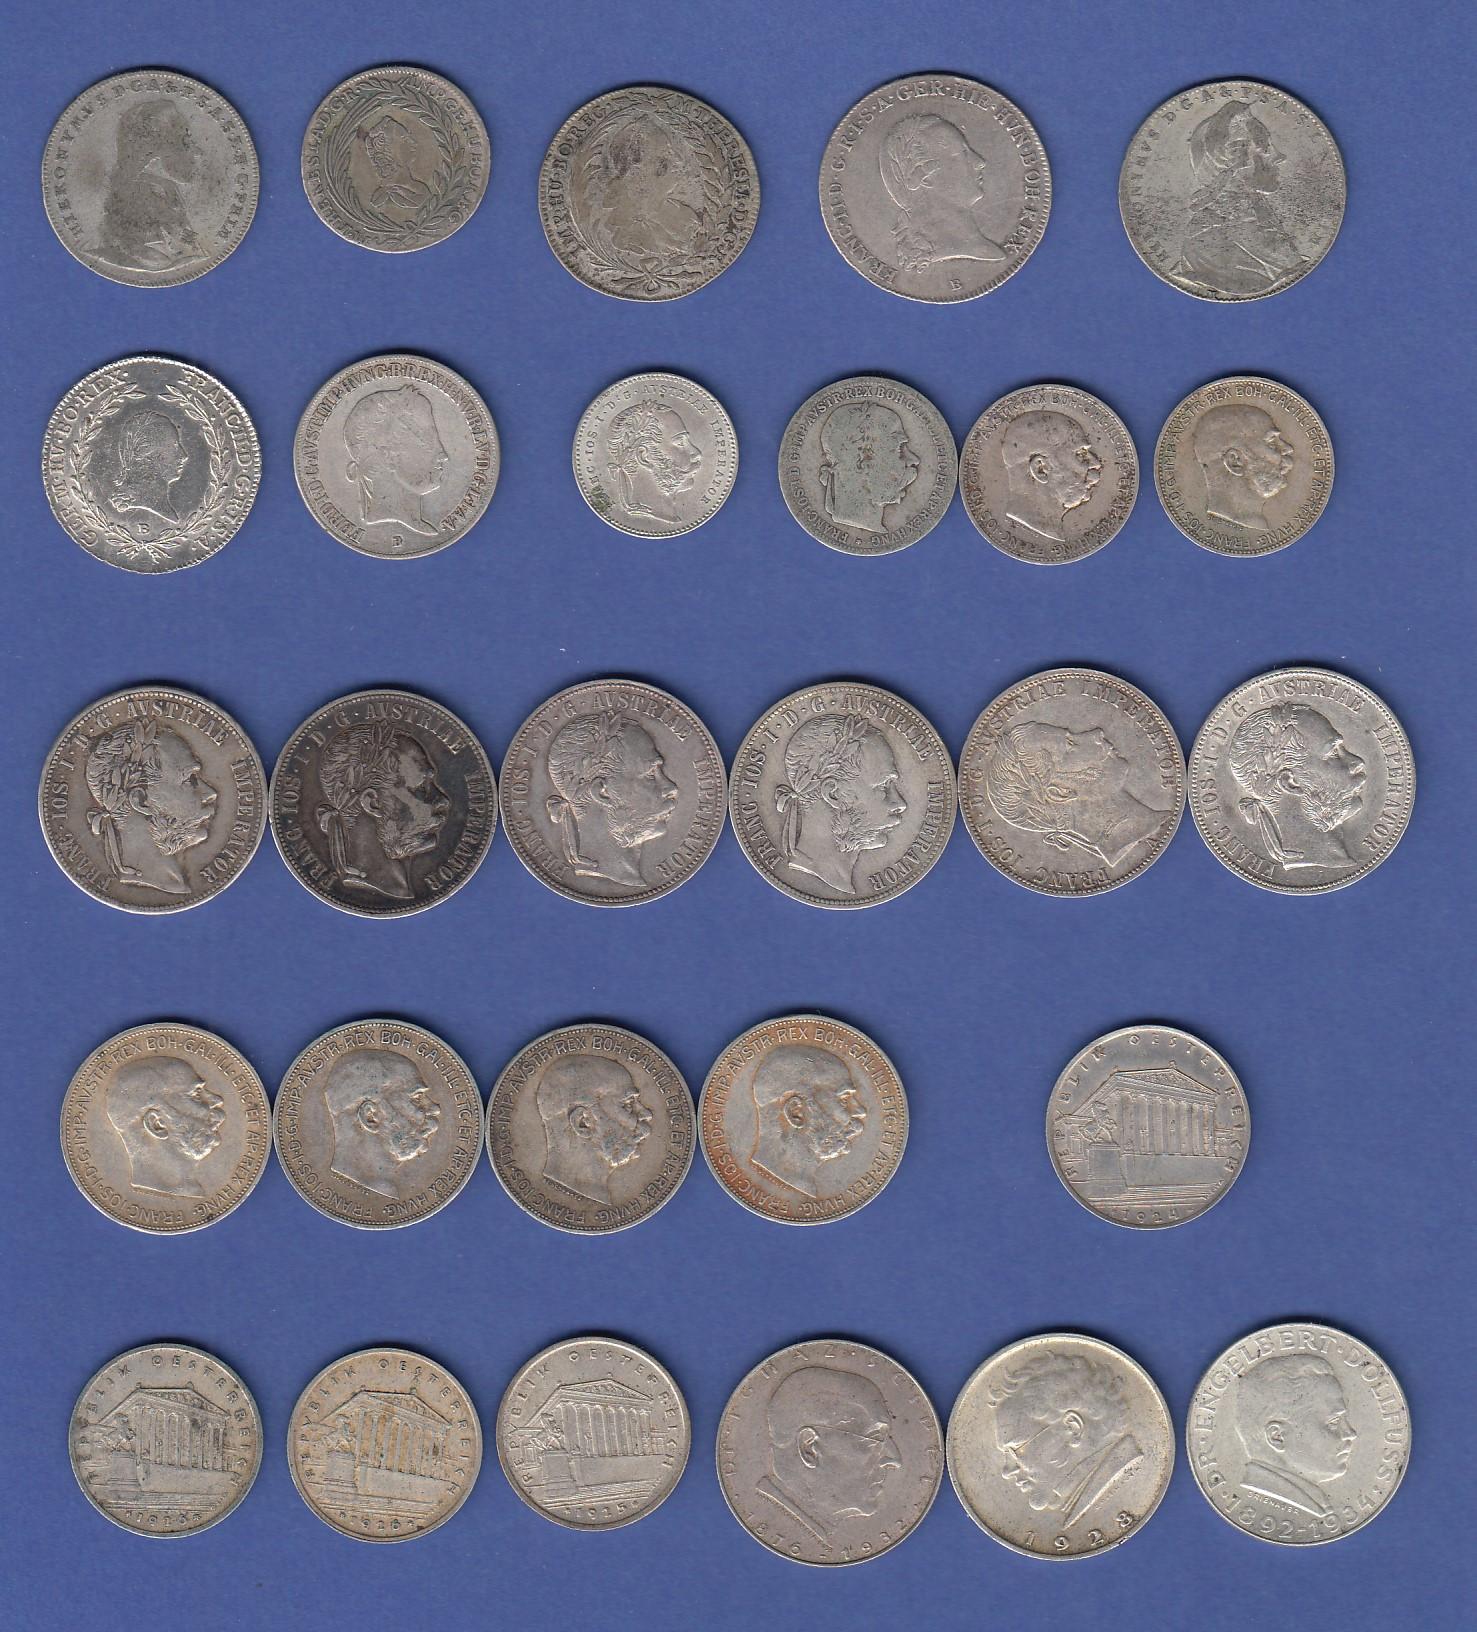 Lot 28 Alte österreich Münzen Vornehmilich Silber Ansehen